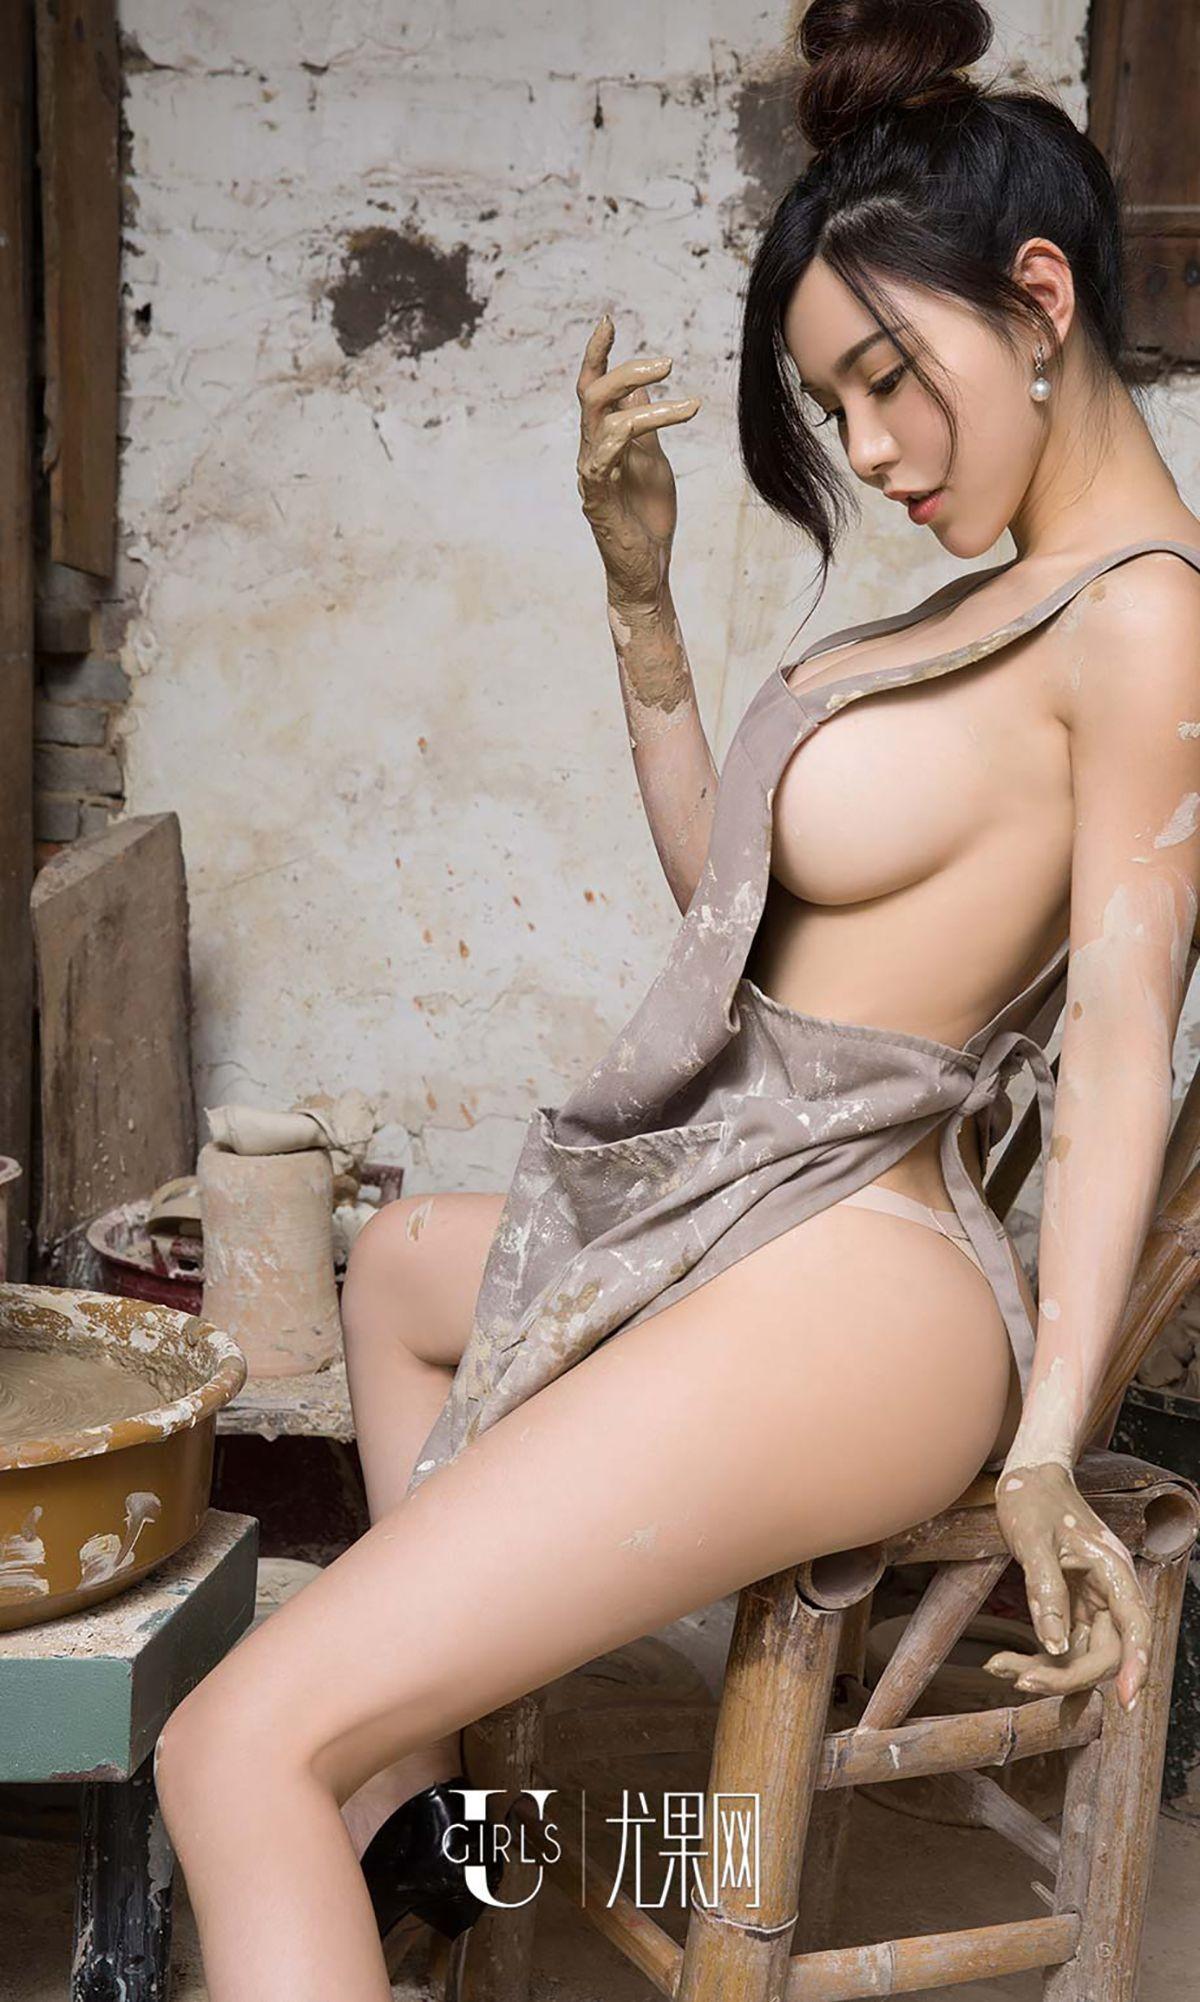 Naked lady apron